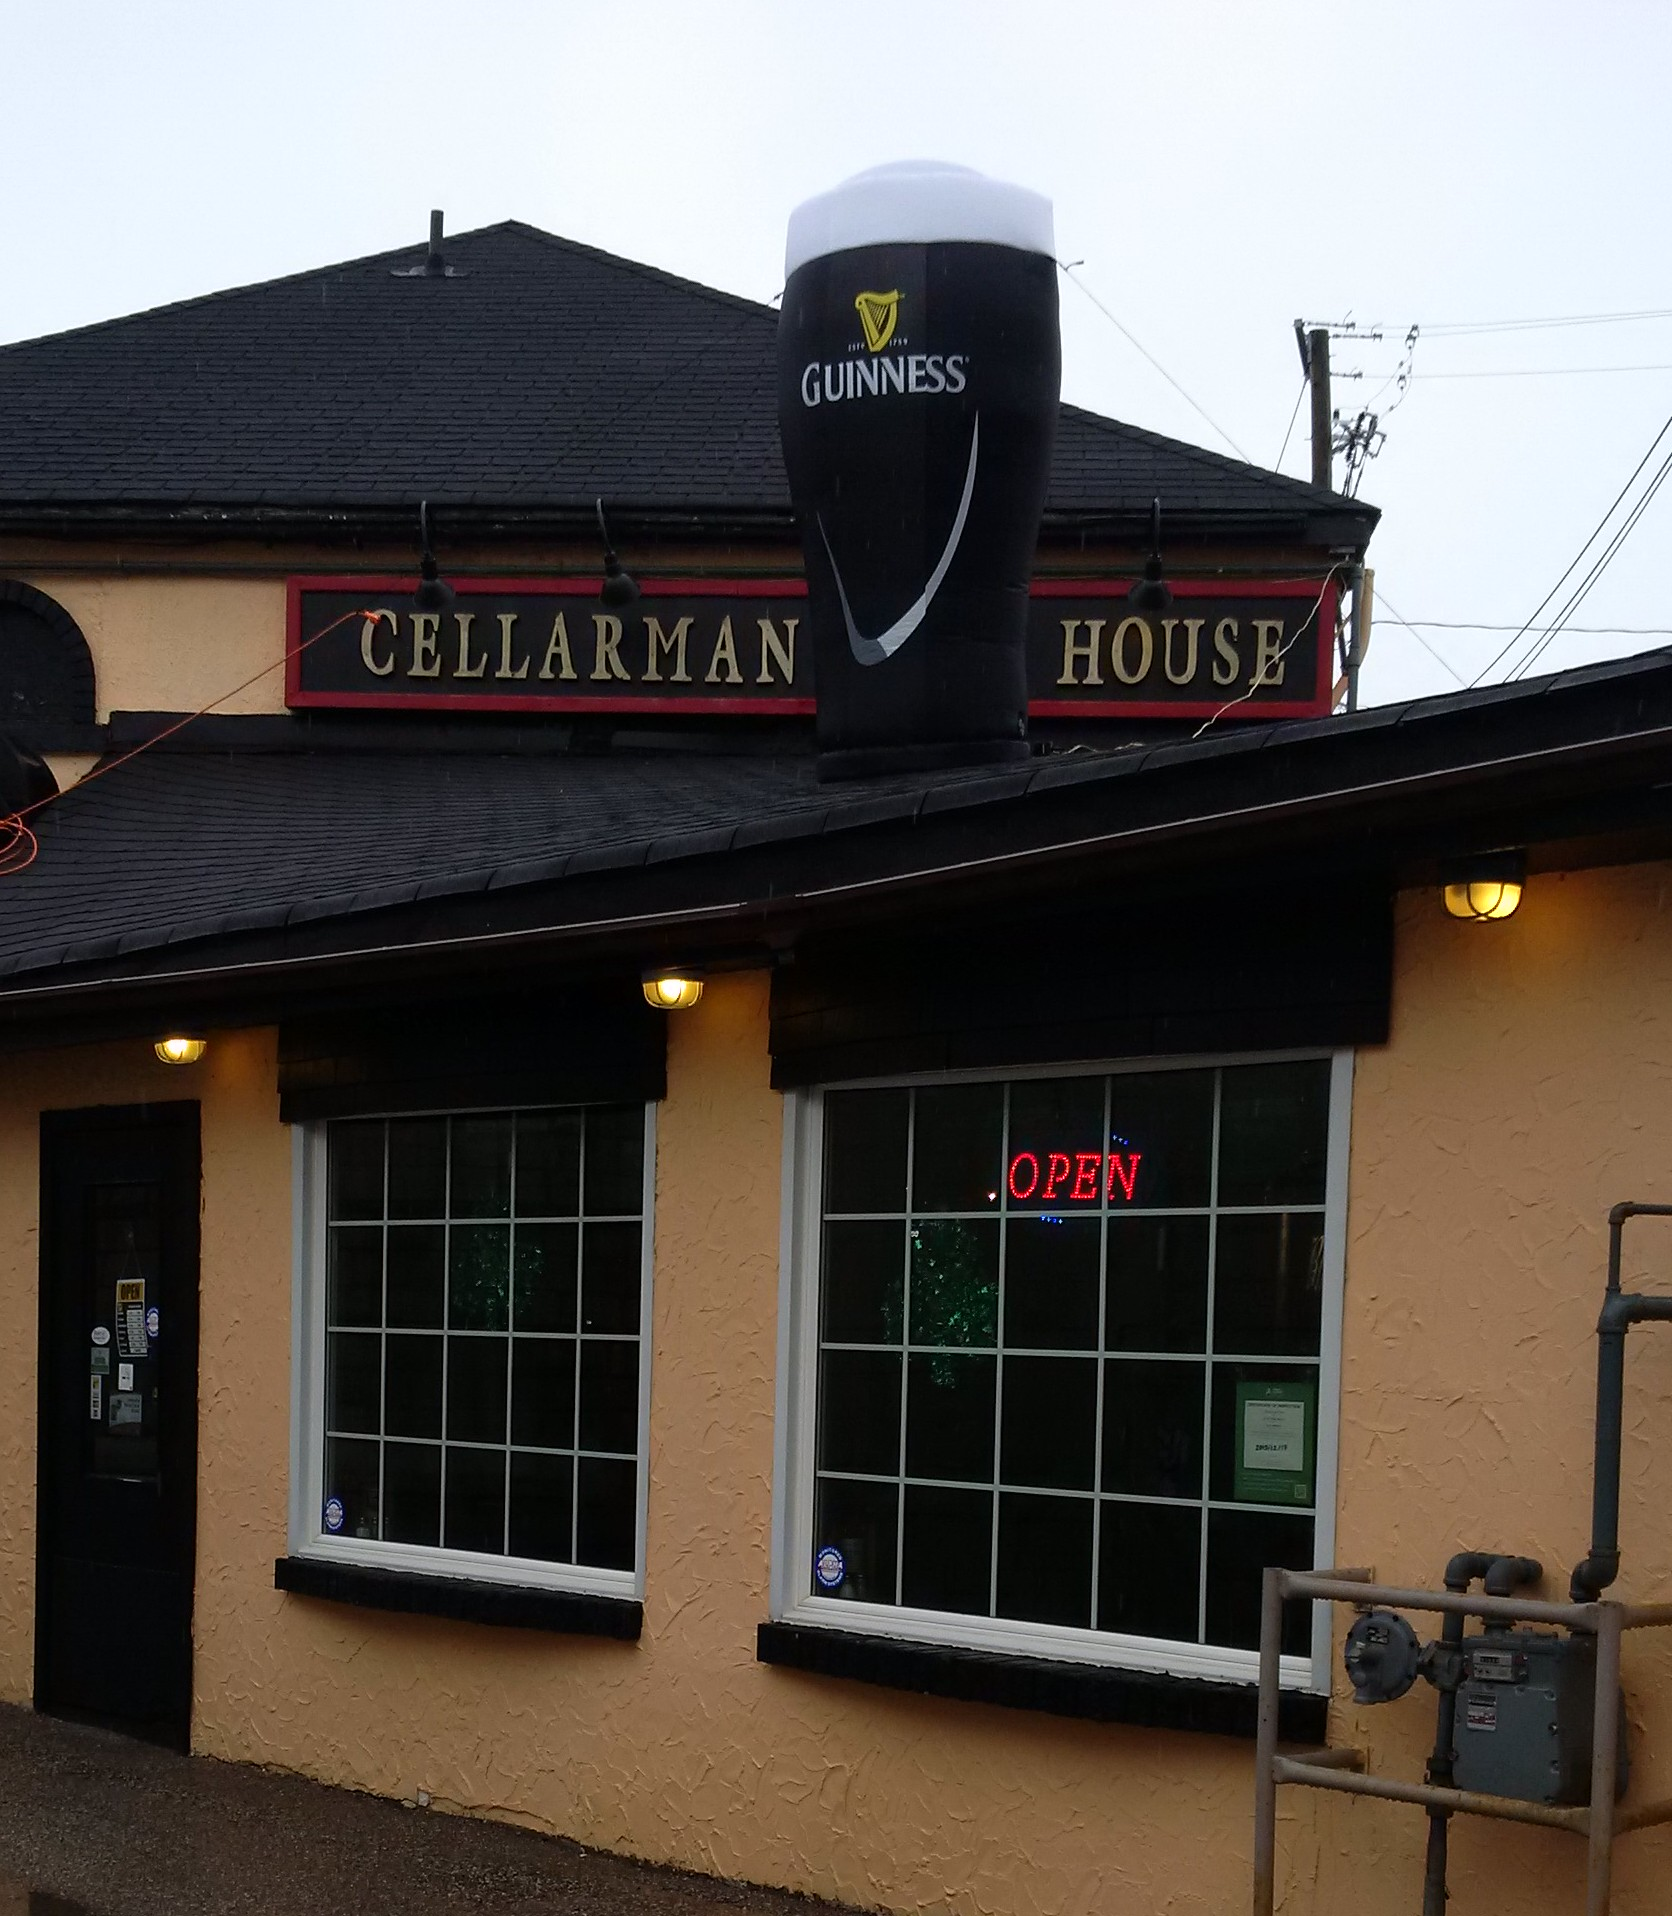 Cellarman